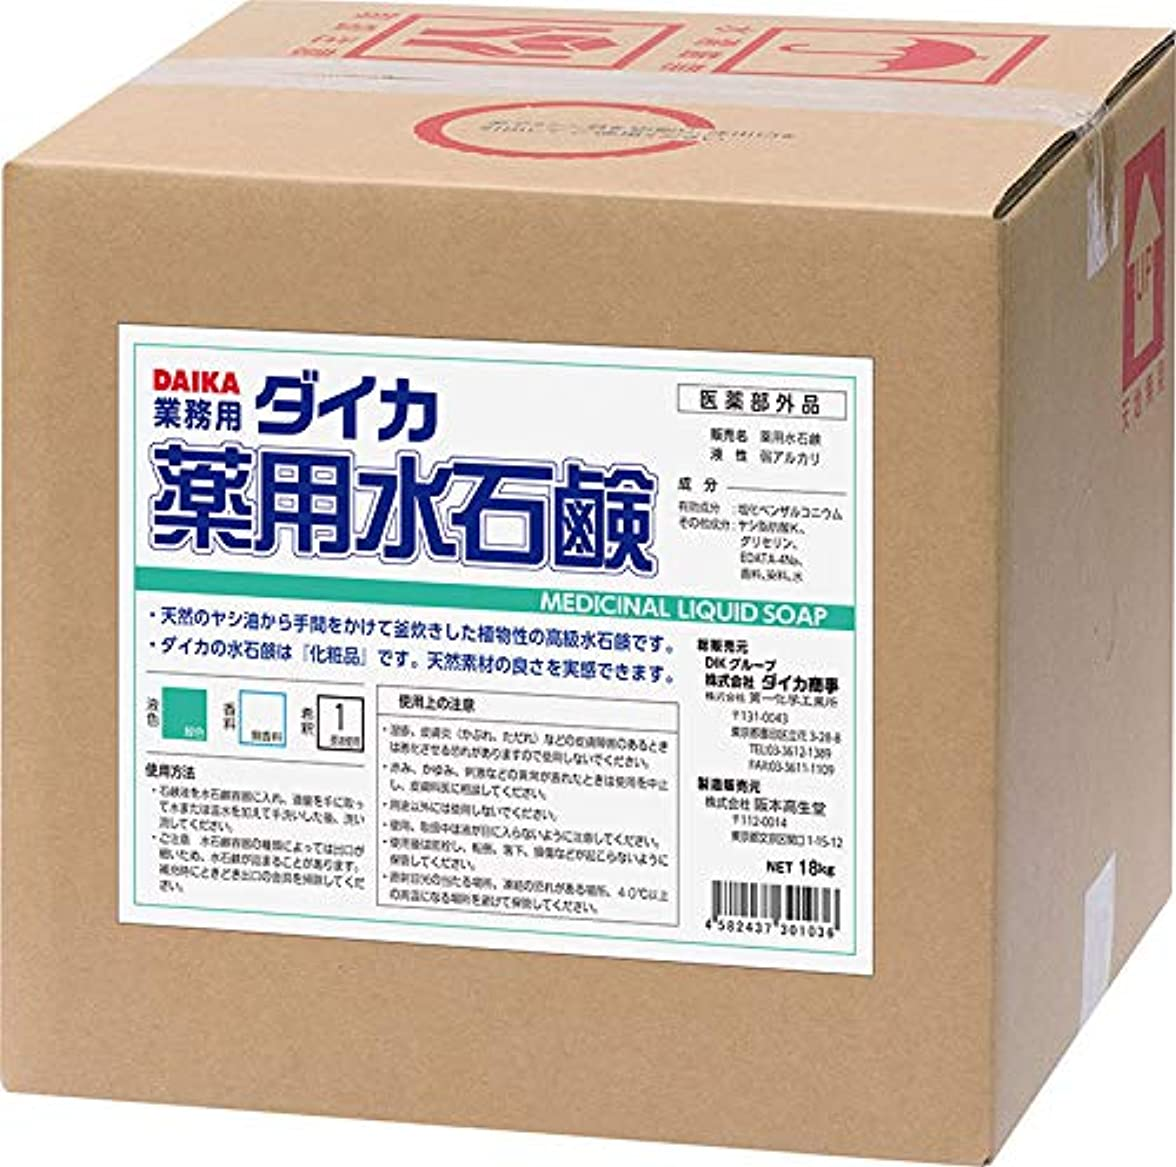 検査価格ラウンジ【医薬部外品】業務用 ハンドソープ ダイカ 薬用 水石鹸 MGN 18kg